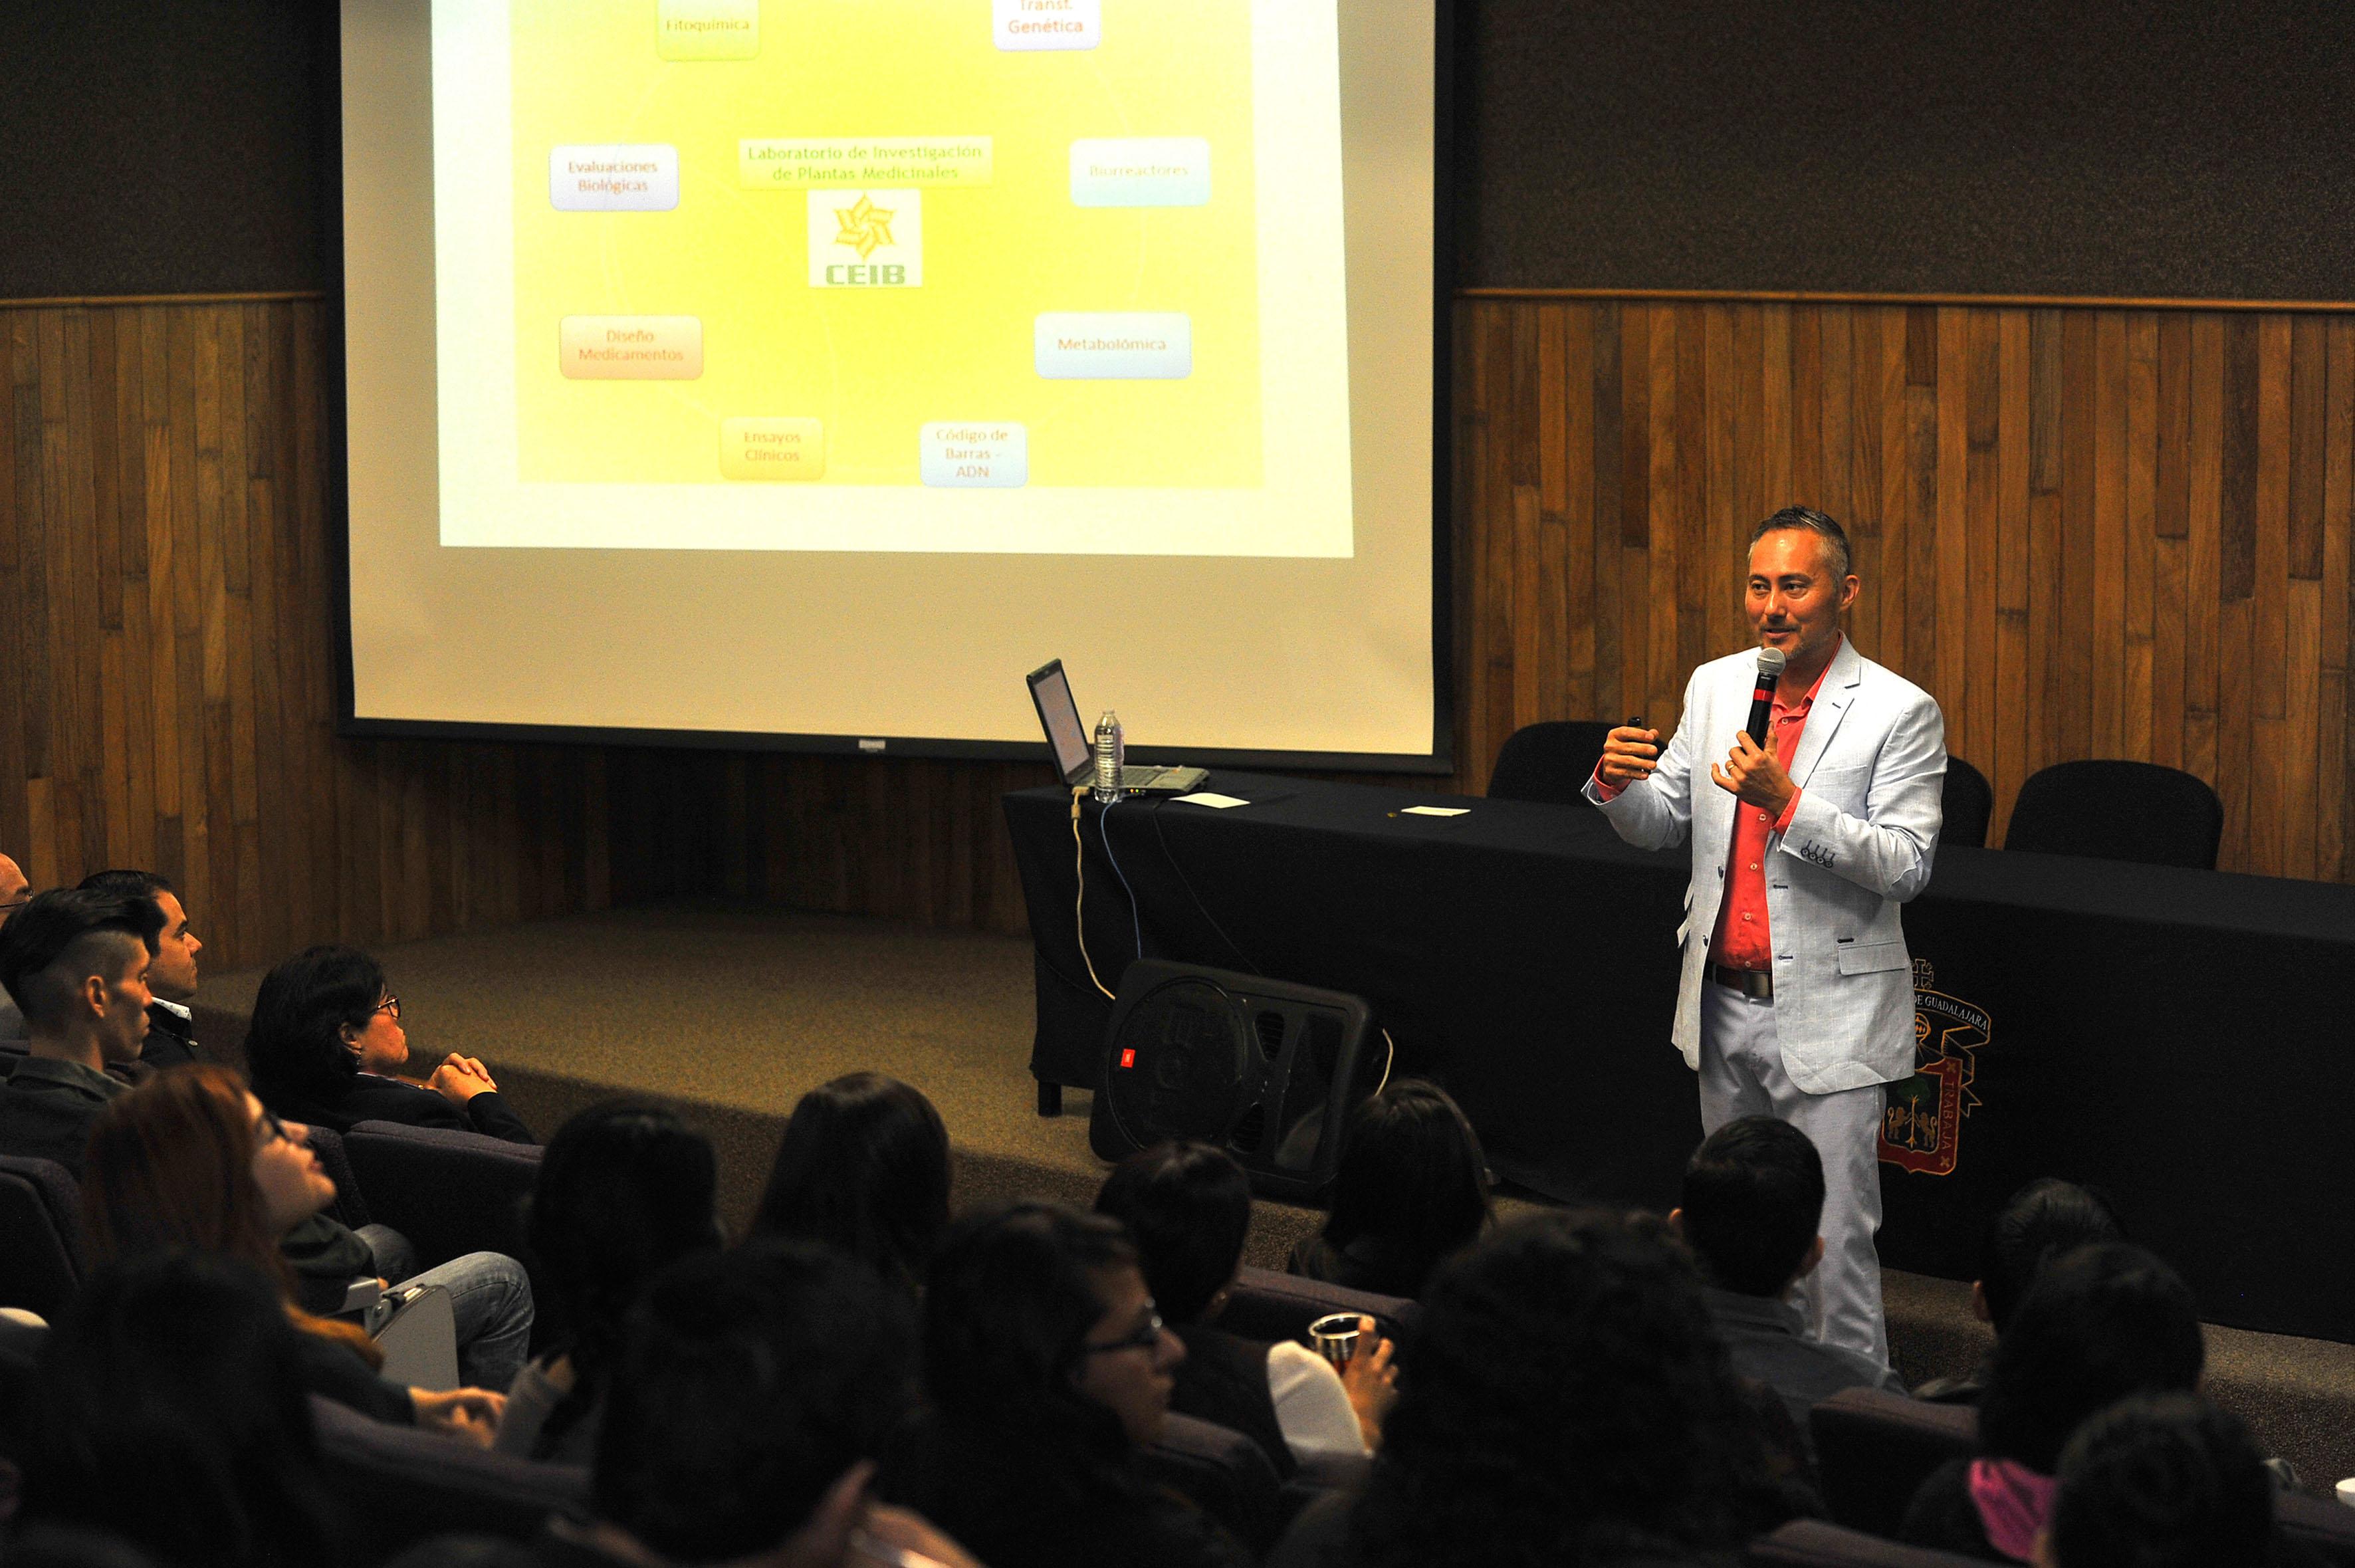 3er Simposio Internacional del Doctorado en Ciencias en Procesos Biotecnológicos, organizado por el Centro Universitario de Ciencias Exactas e Ingenierías (CUCEI)